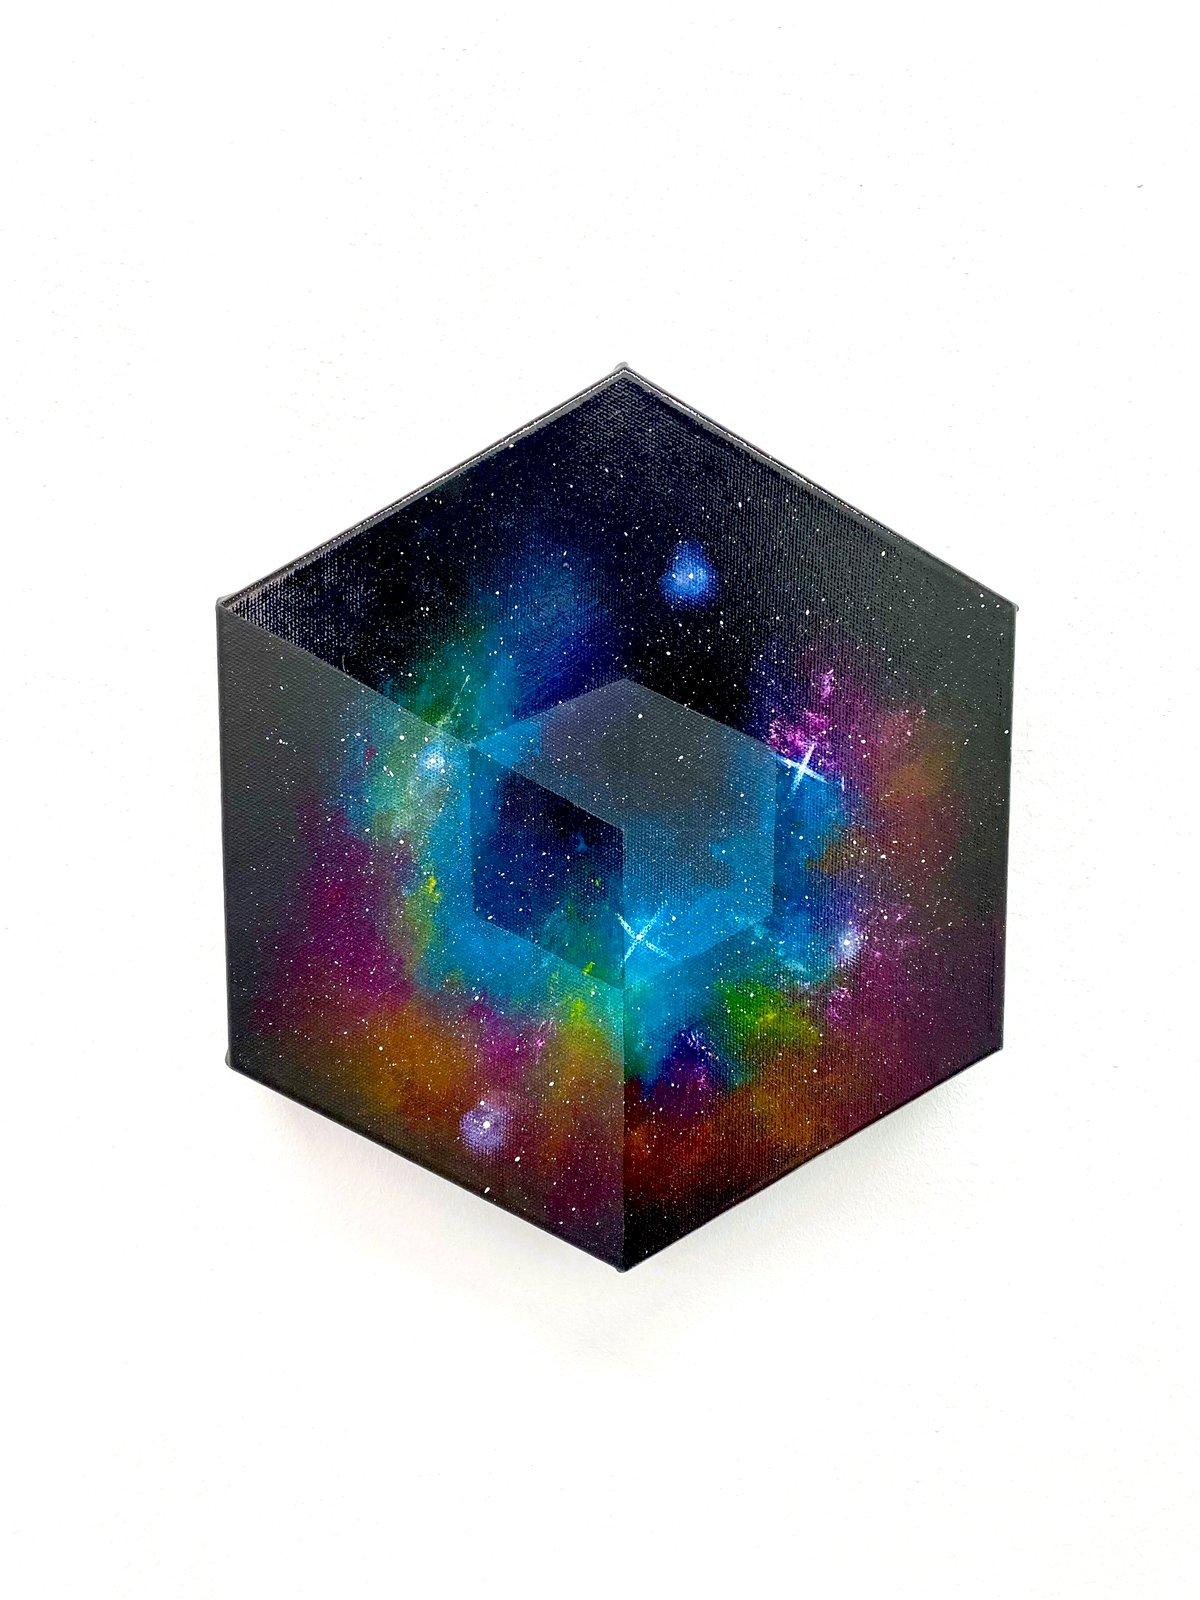 Image of Imagined Nebula (miniture)